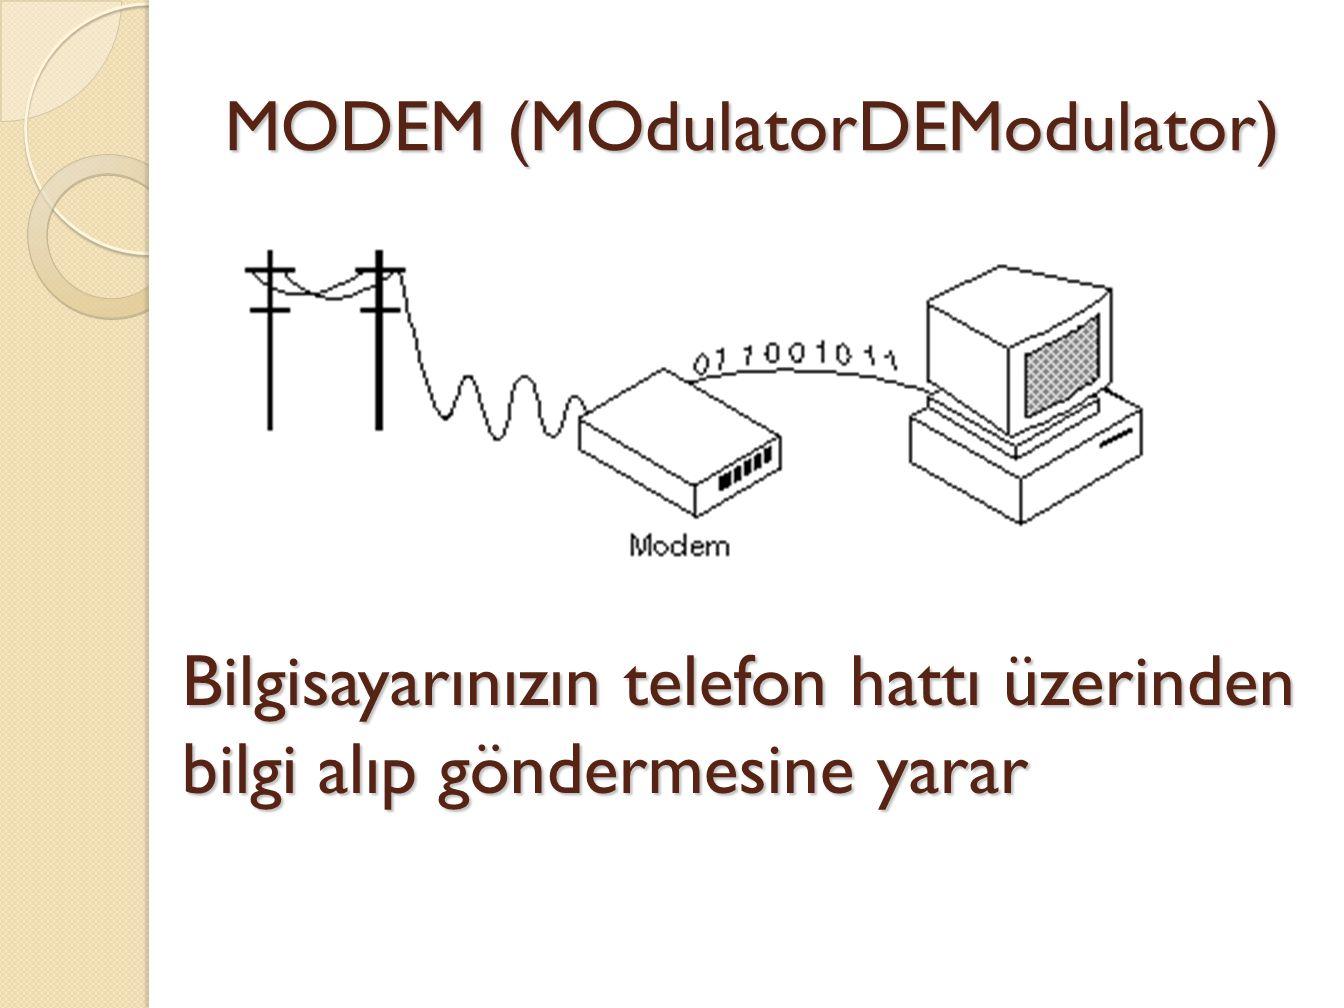 MODEM (MOdulatorDEModulator) Bilgisayarınızın telefon hattı üzerinden bilgi alıp göndermesine yarar